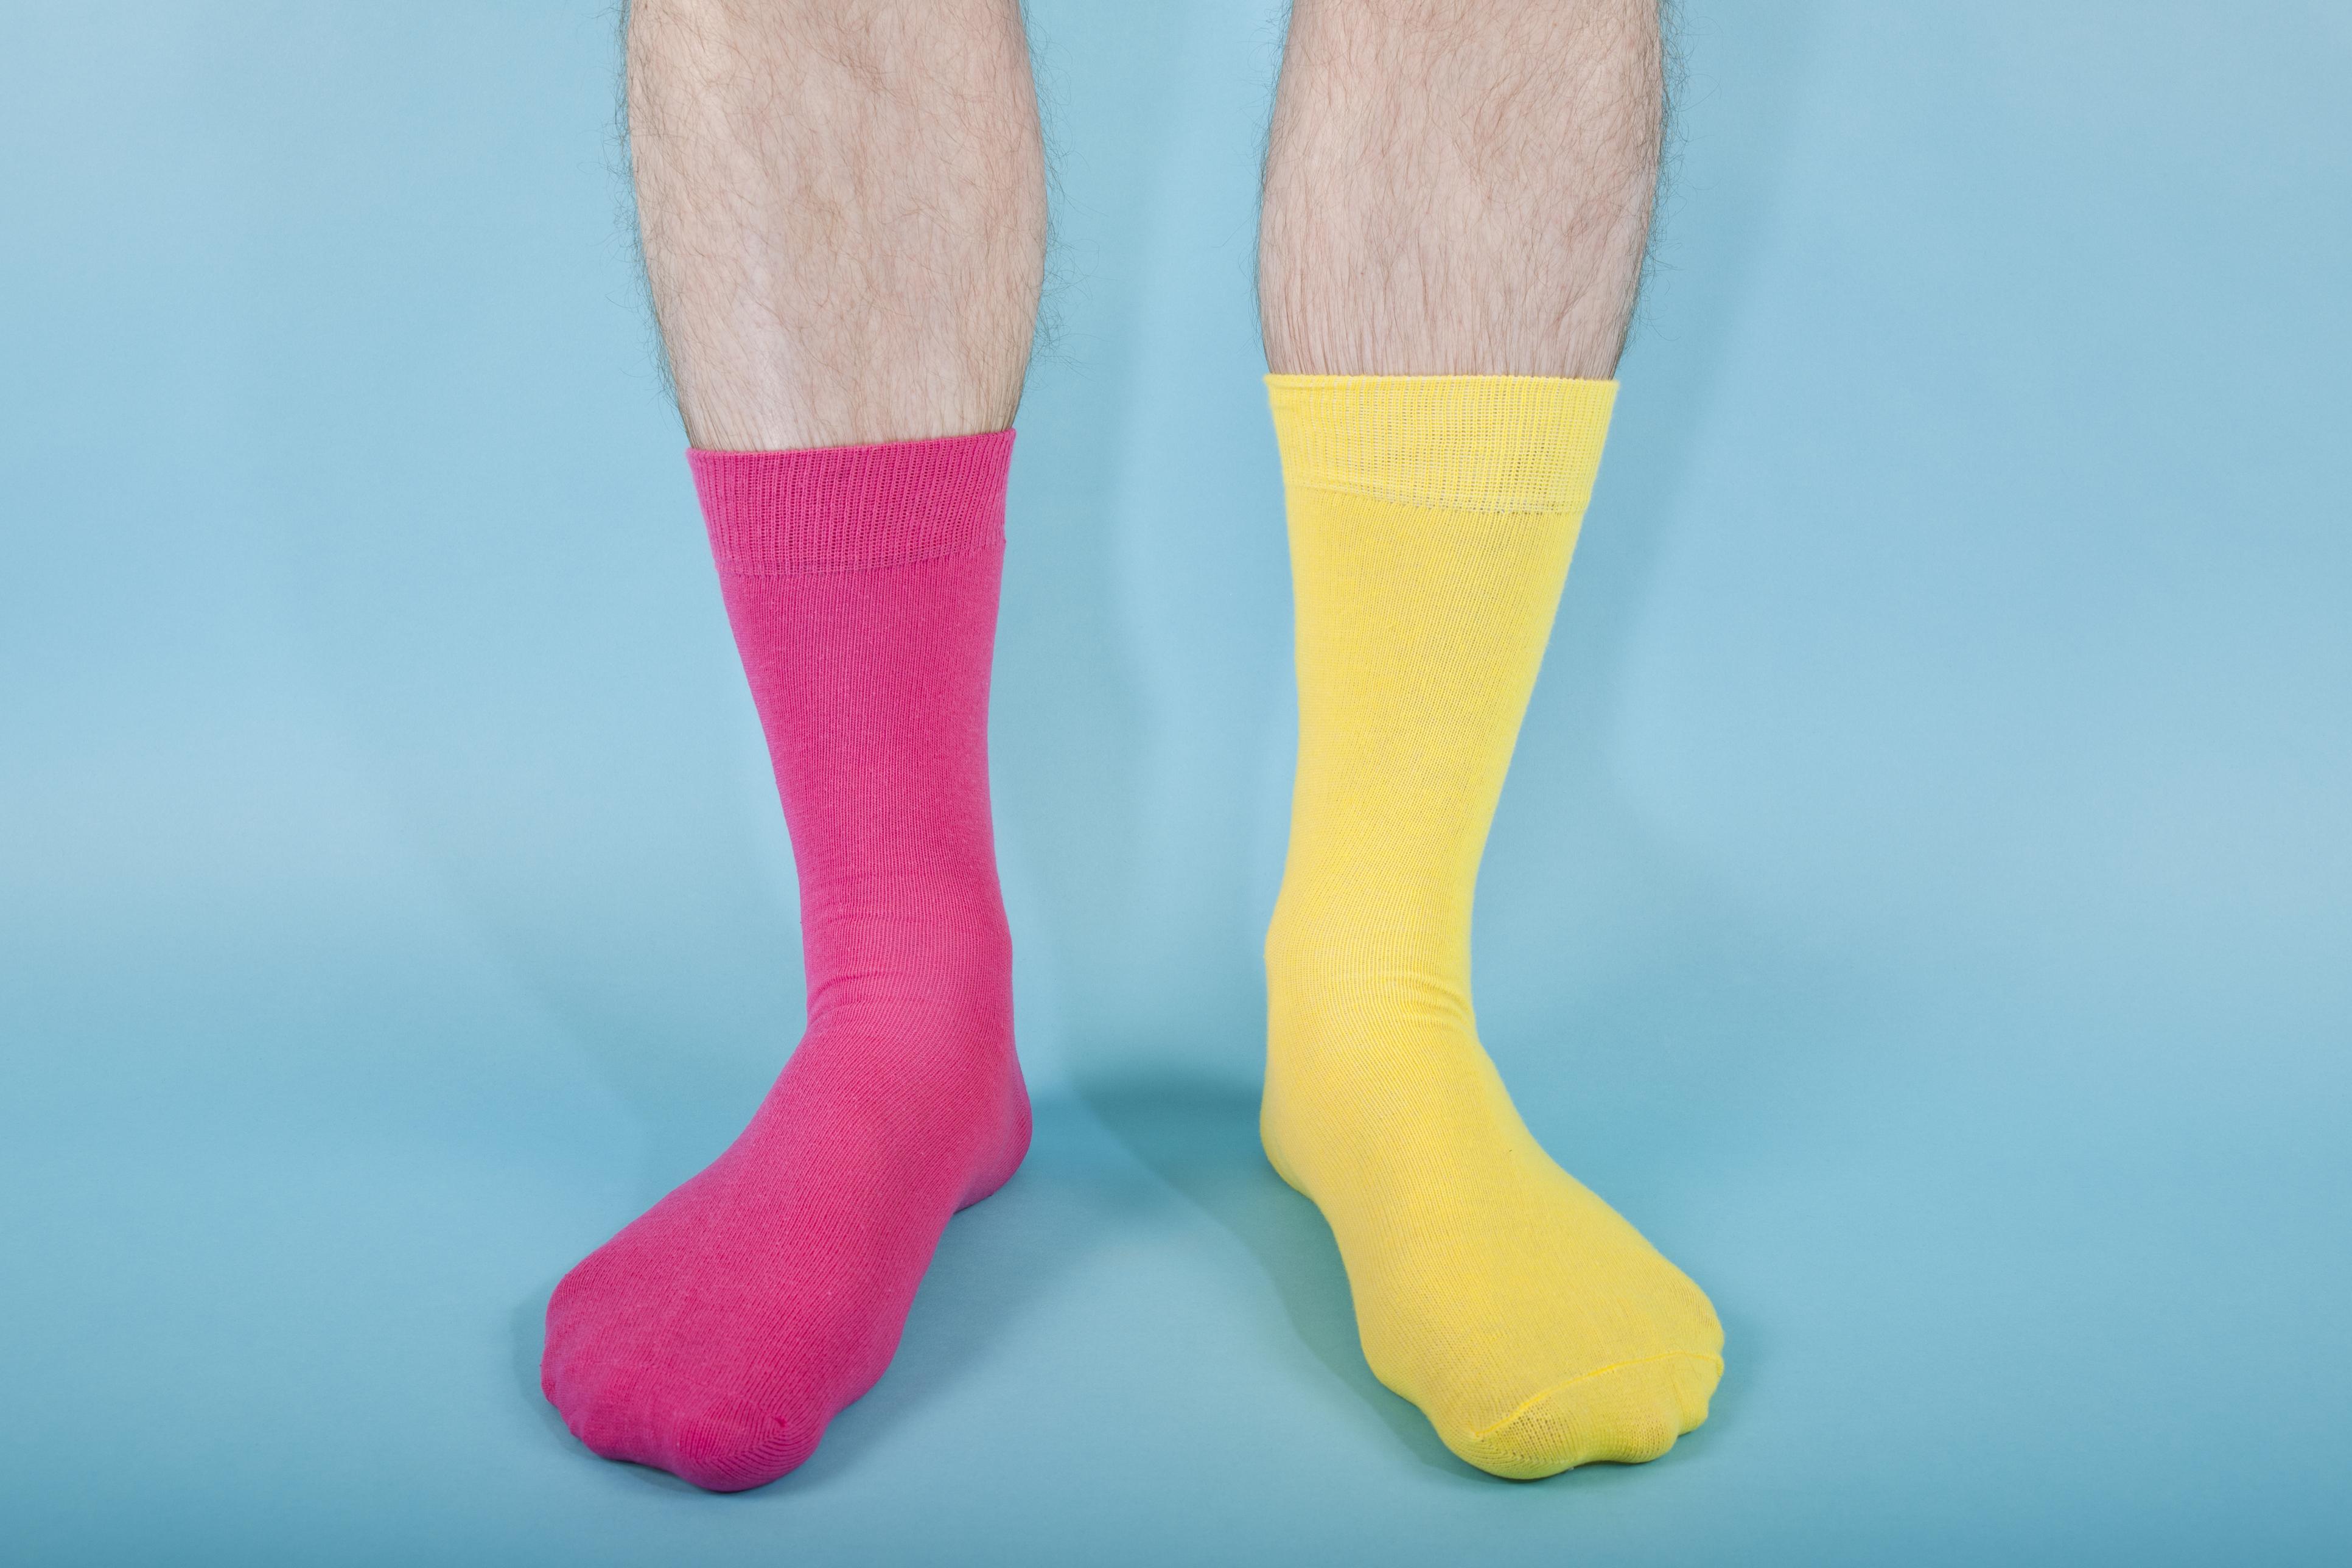 За сортирането на чорапки. Ако искате чорапките ви да бъдат прилежно подредени по чифтове и да не заемат много място, сложете ги един върху друг, загладете и завийте на руло. Подпъхнете от едната страна и се получава симпатично пакетче, което заема двойно по-малко място, ако просто ги направим на топка.